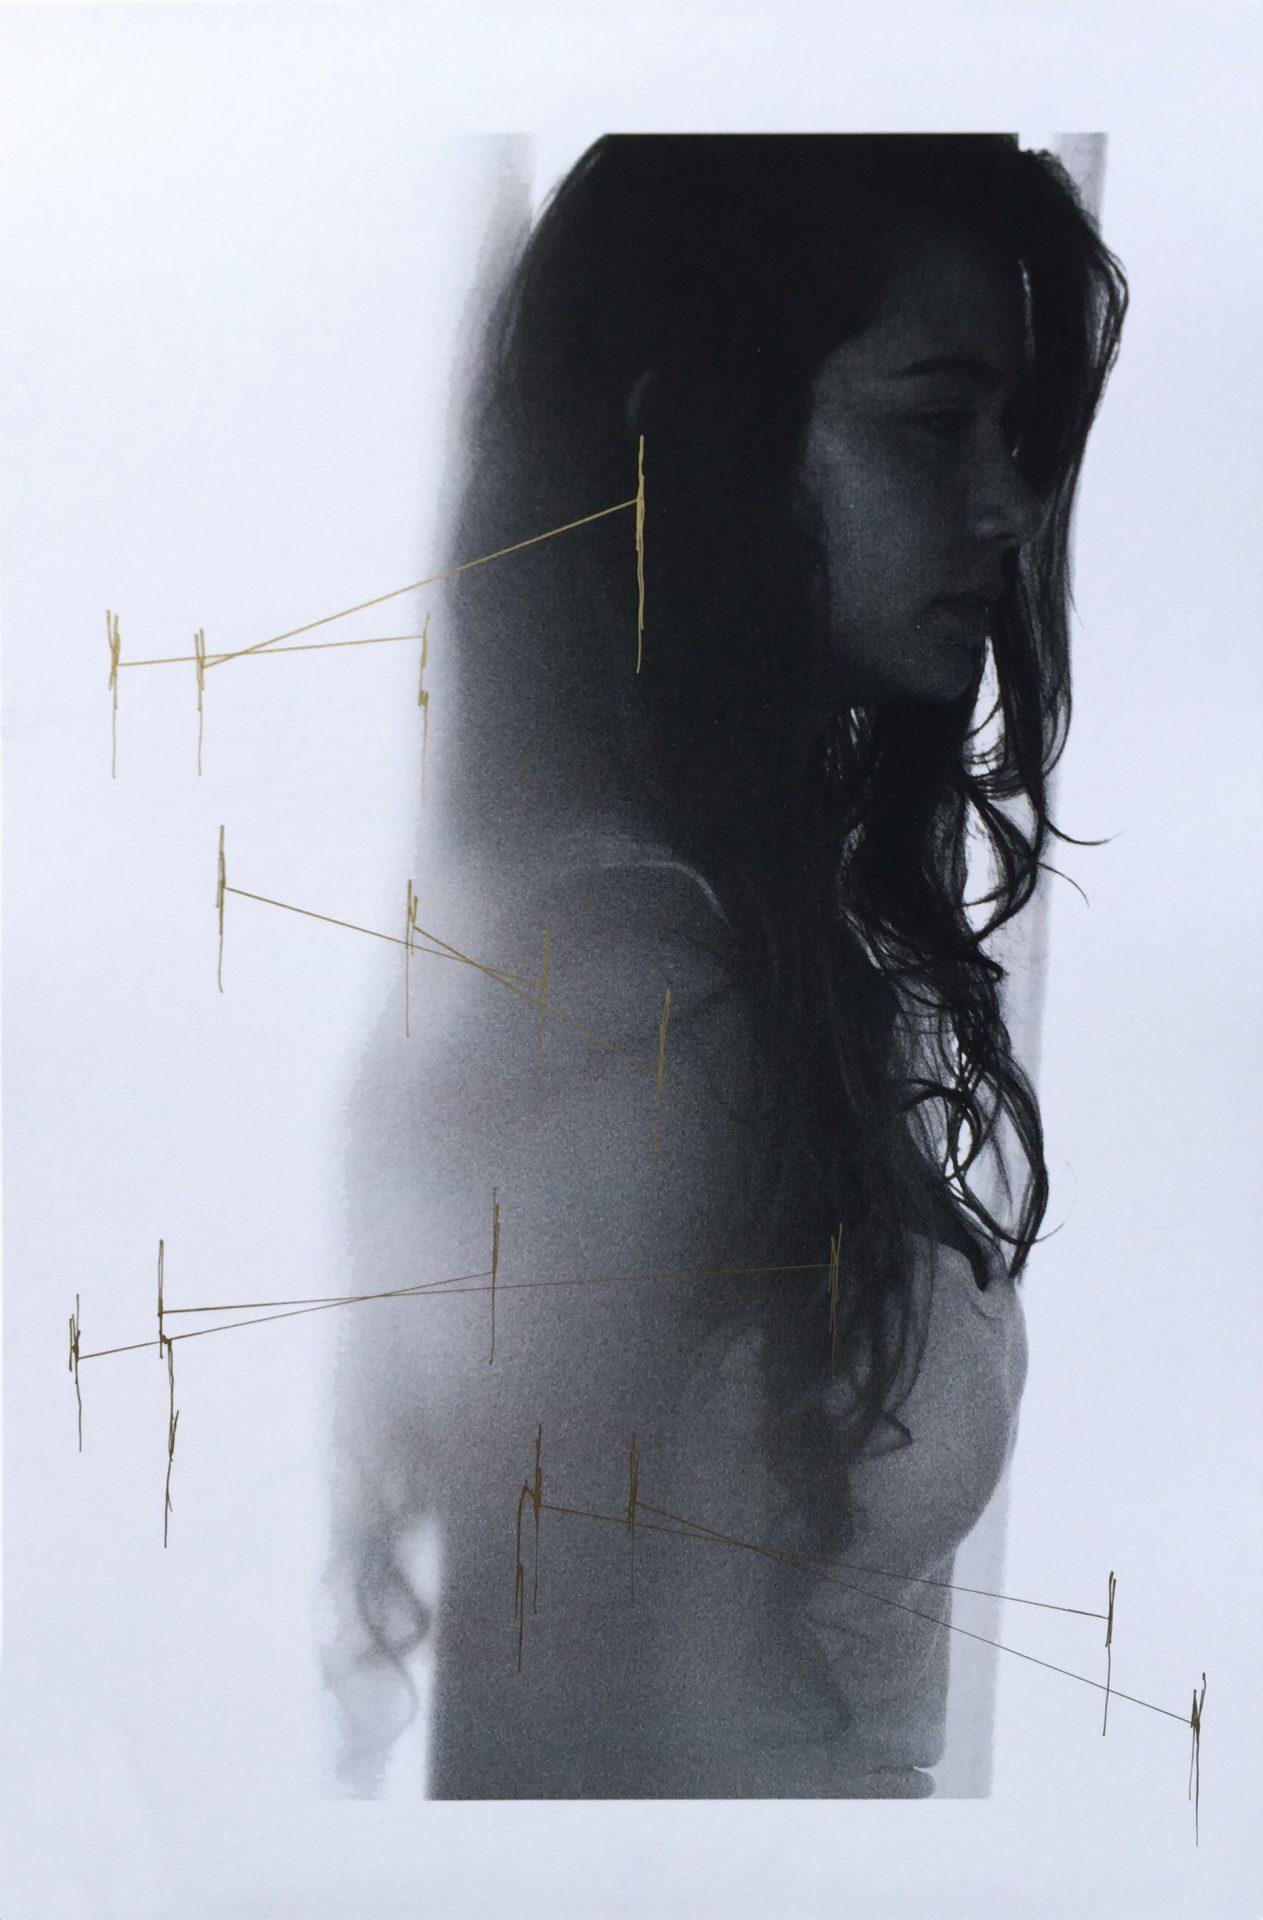 Arik Miranda, Untitled (from 'Forever and a Day'), 2015, felt pen on inkjet print, 49x32 cm (3)